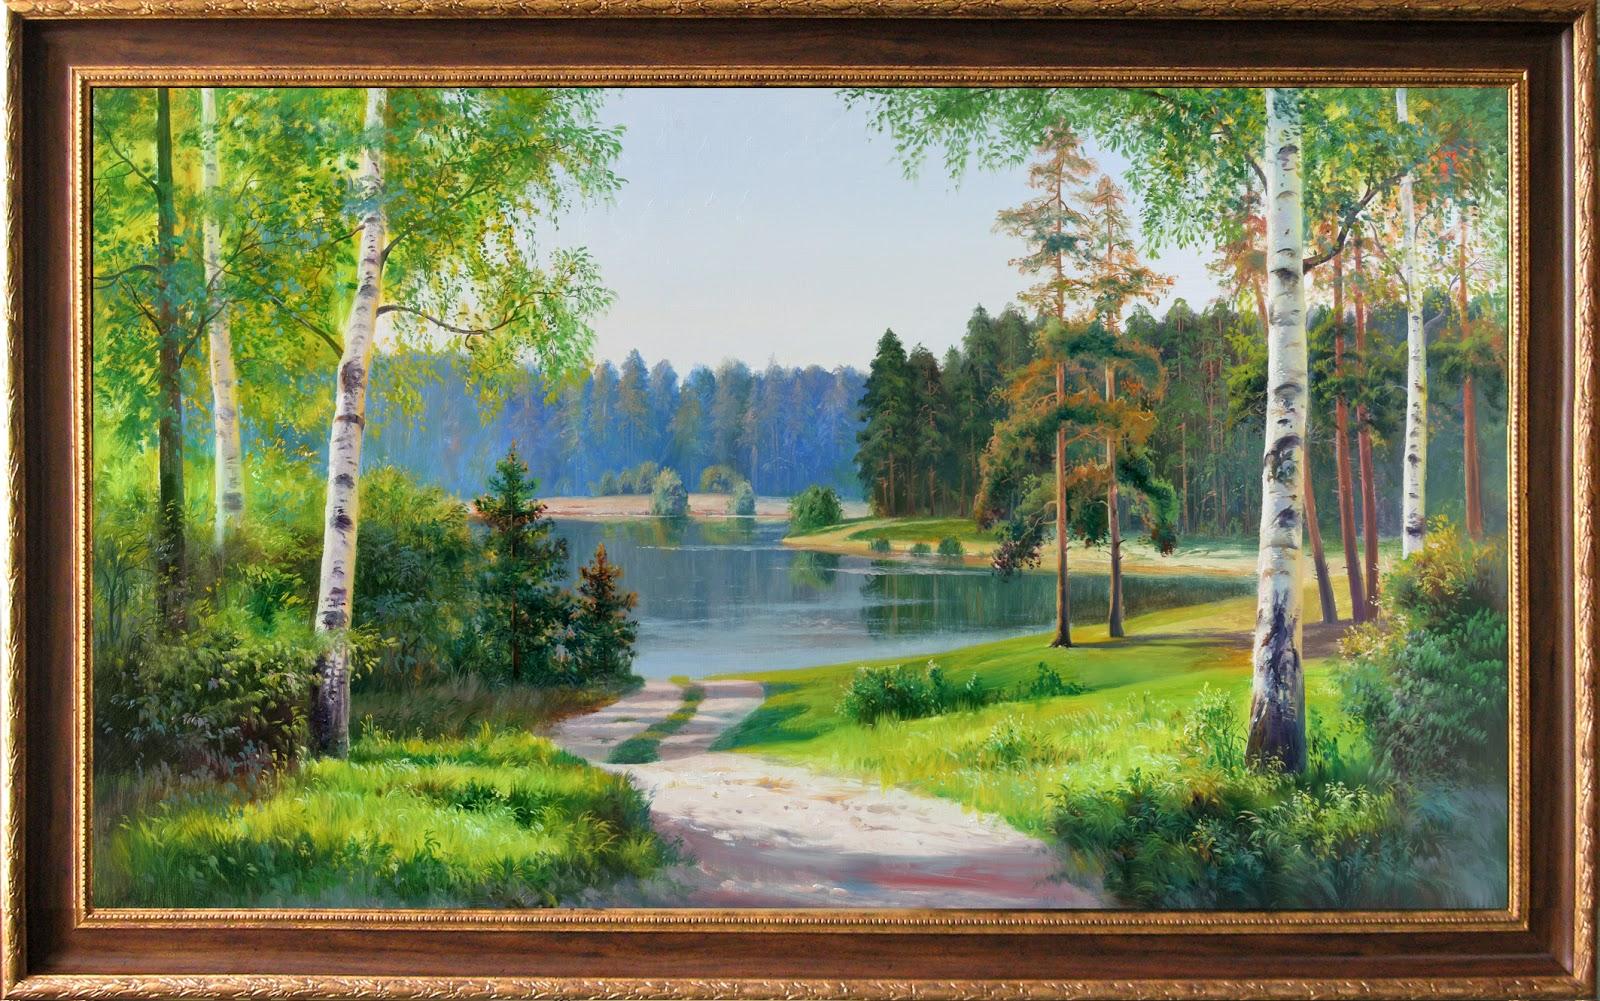 Картина маслом. Купить картину в ...: art7gallery.blogspot.com/2012/05/blog-post_28.html